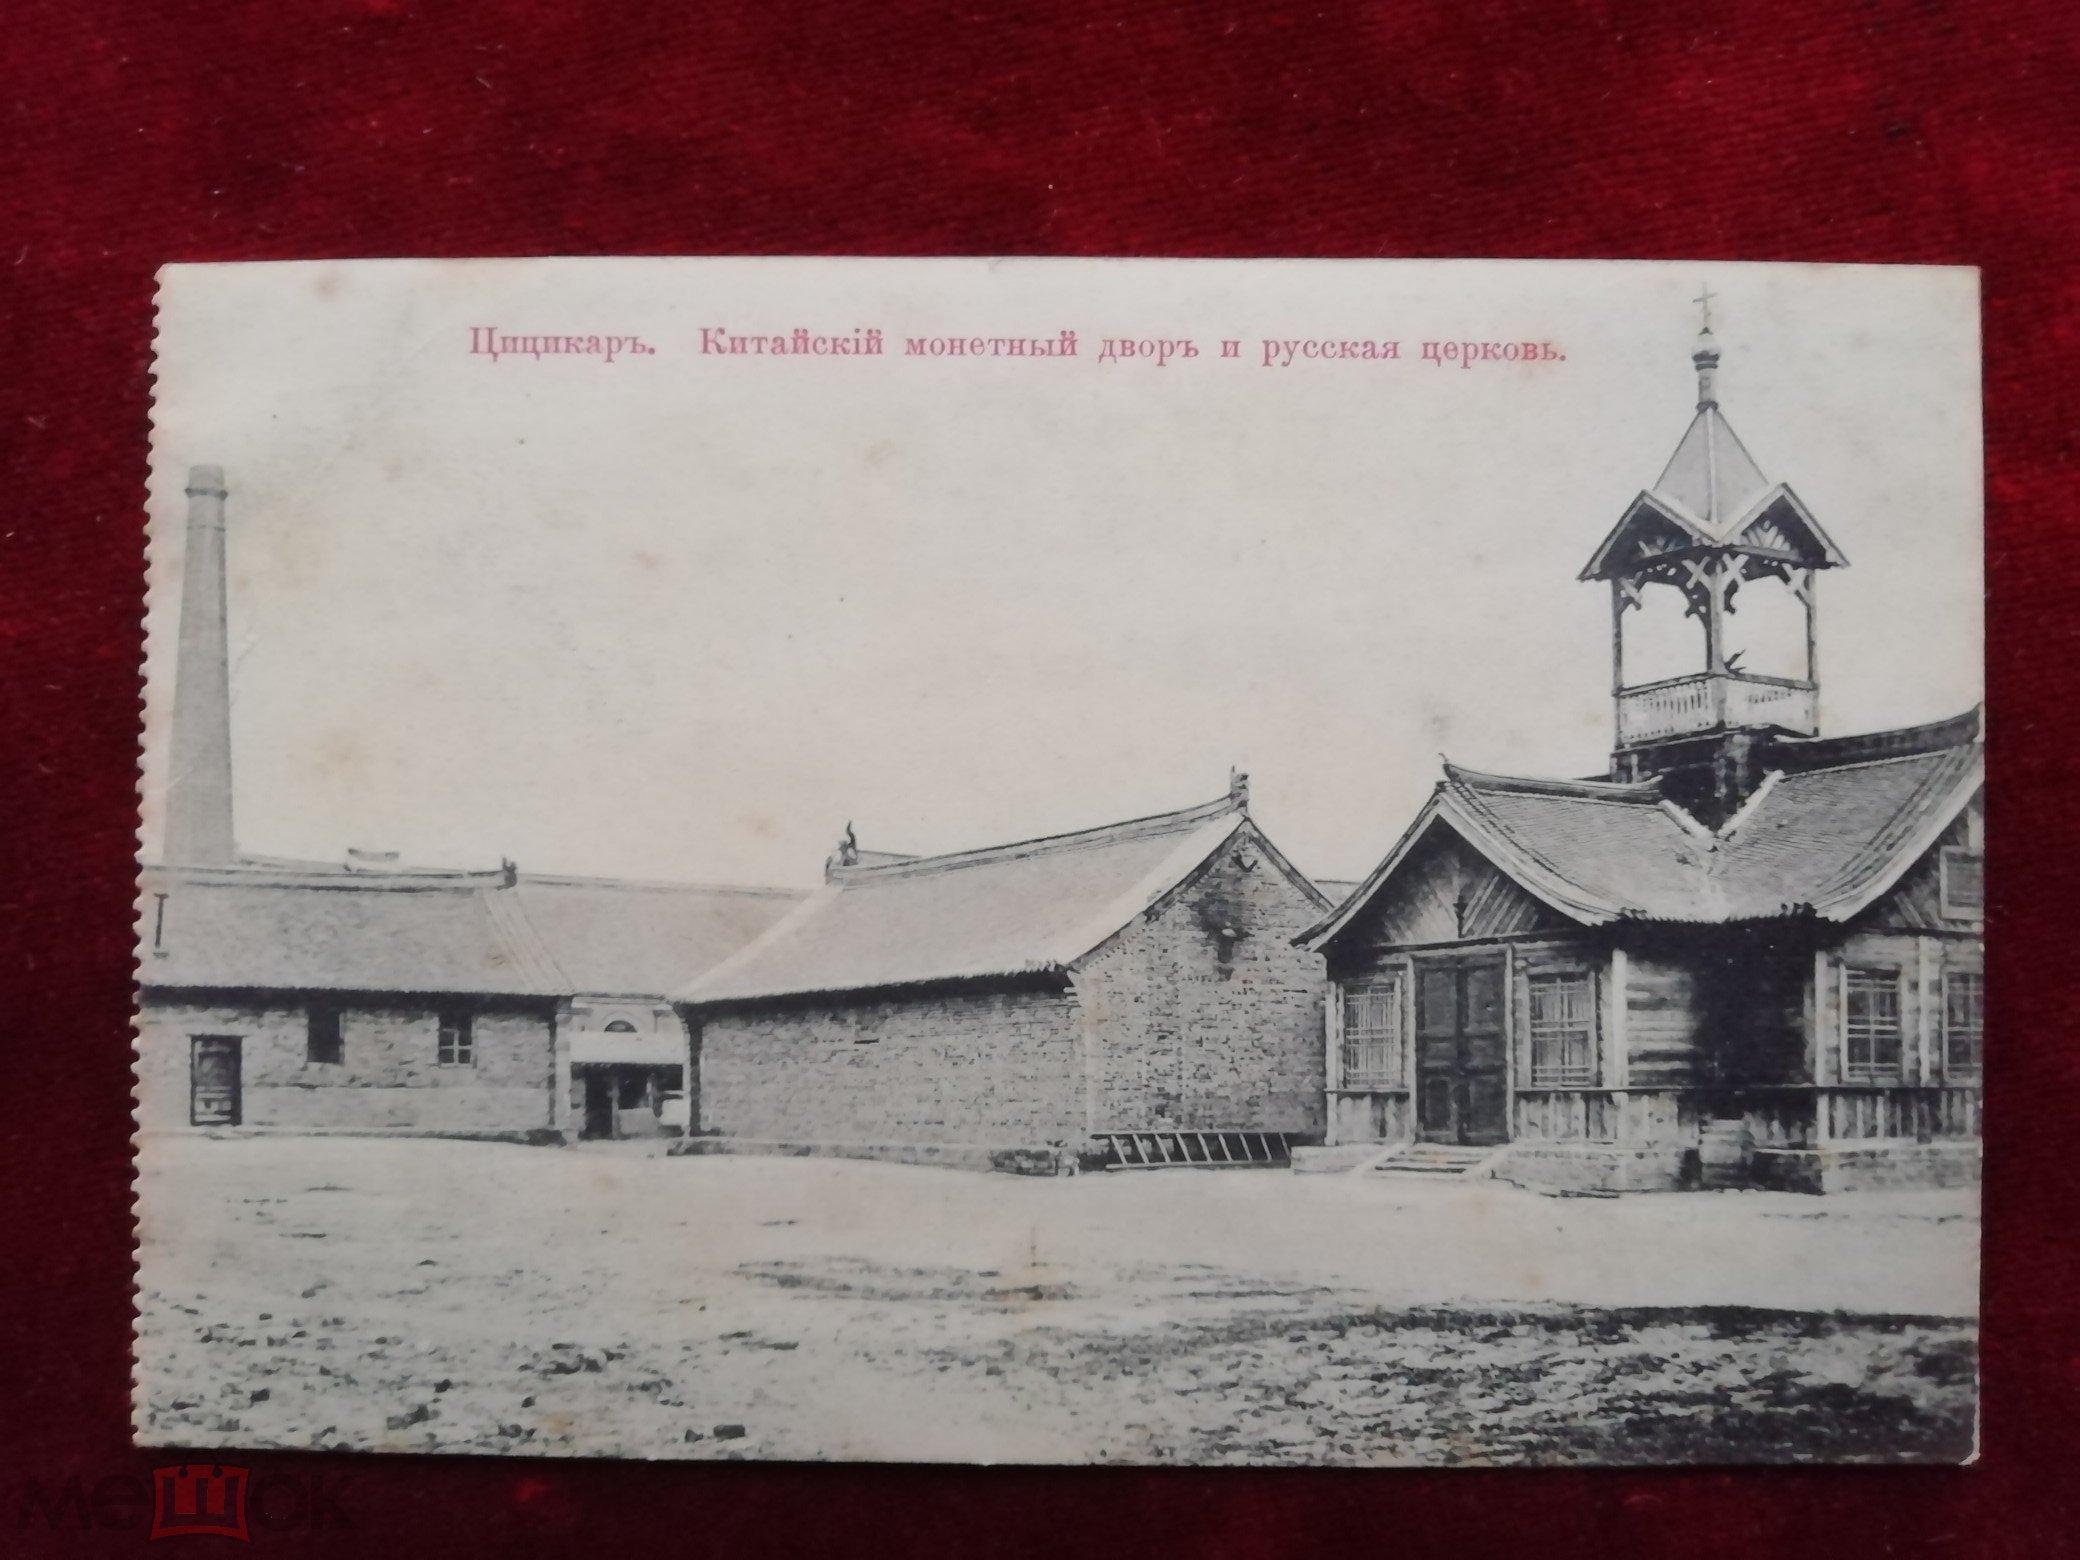 Villes et villages en cartes postales anciennes .. - Page 25 Qiqihar